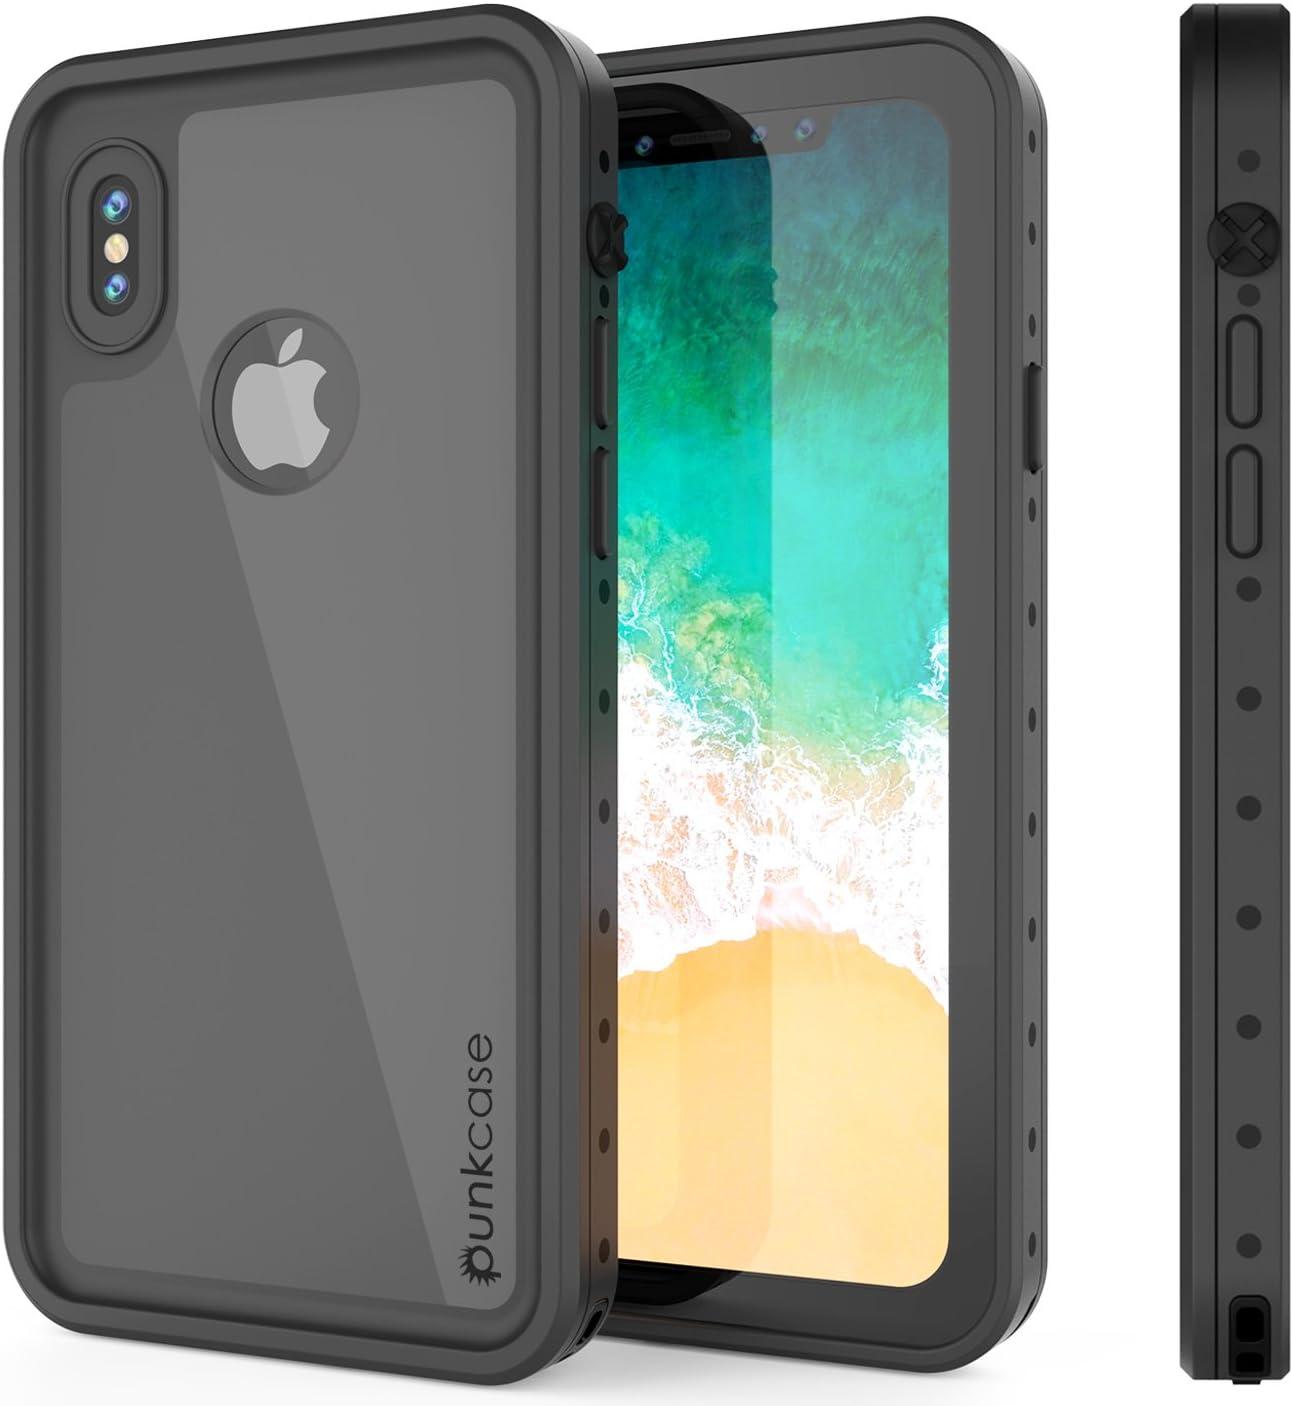 iPhone X Waterproof Case, Punkcase [StudStar Series] [Slim Fit] [IP68 Certified] [Shockproof] [Dirtproof] [Snowproof] Armor Cover for Apple iPhone Ten [Black]